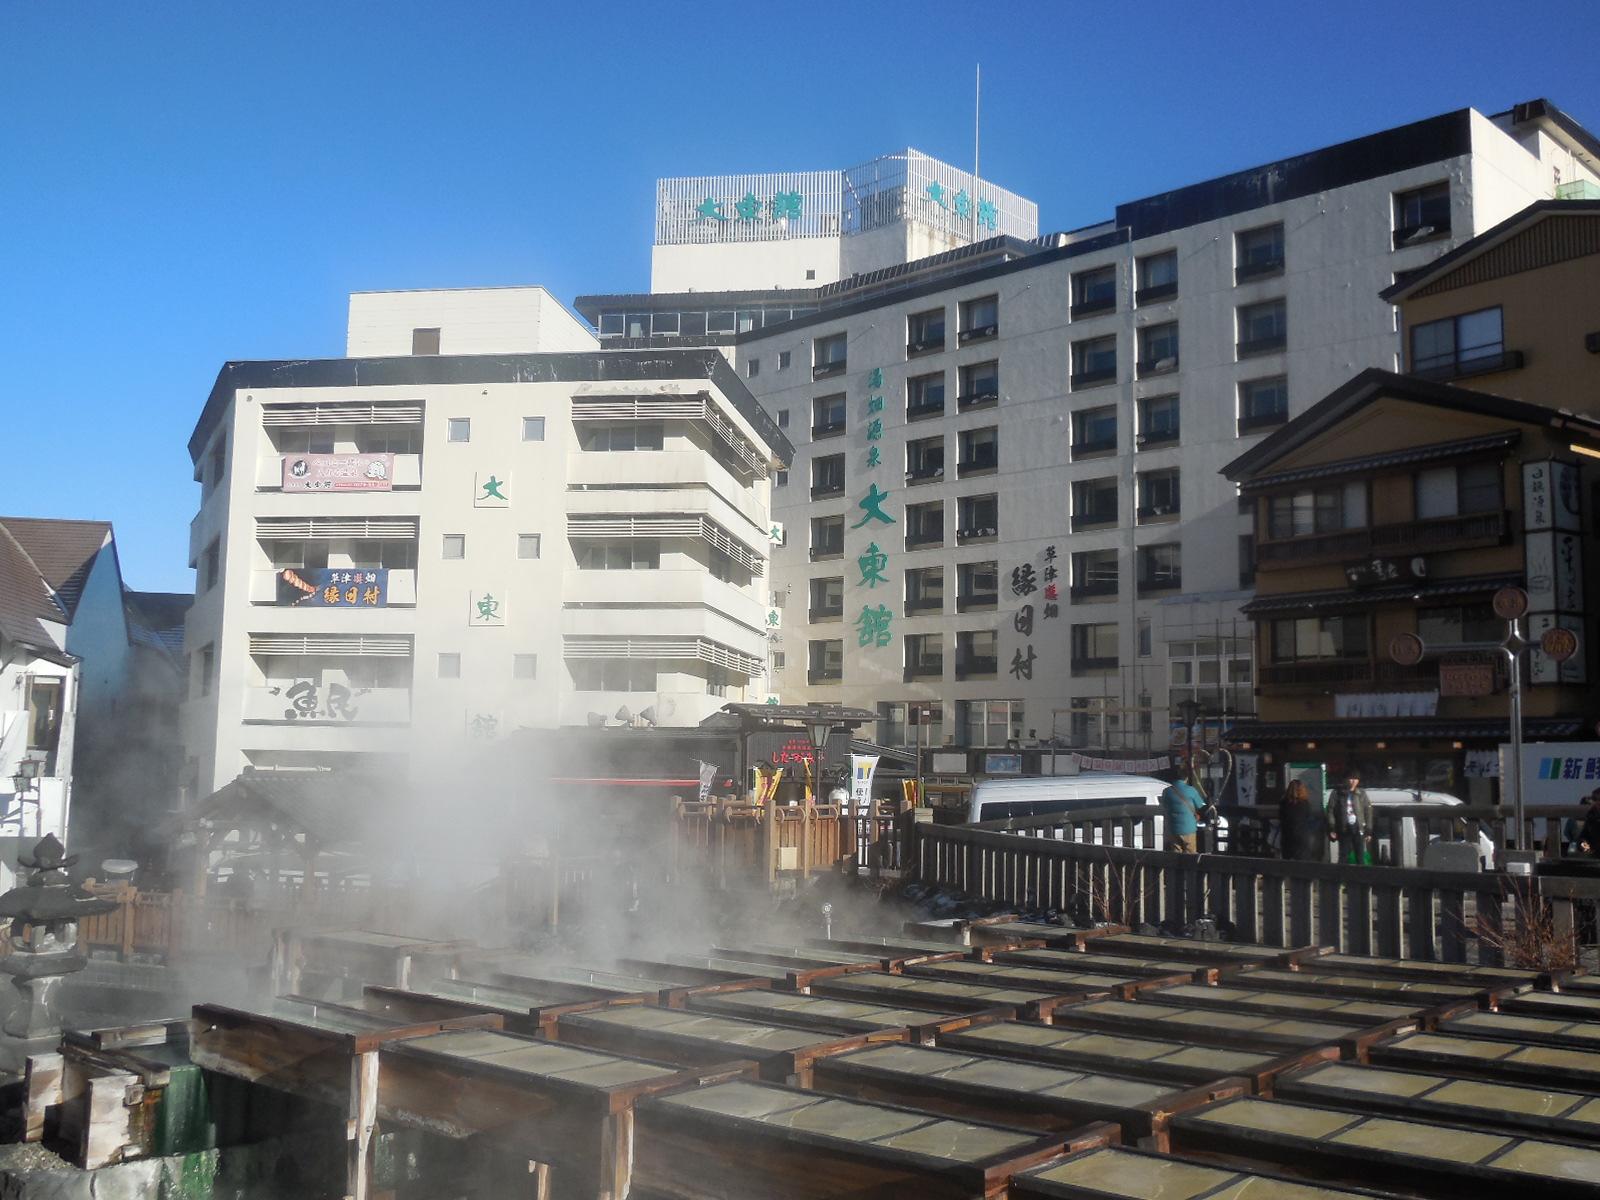 湯畑源泉 大東館(イー・ホリデーズ提供)